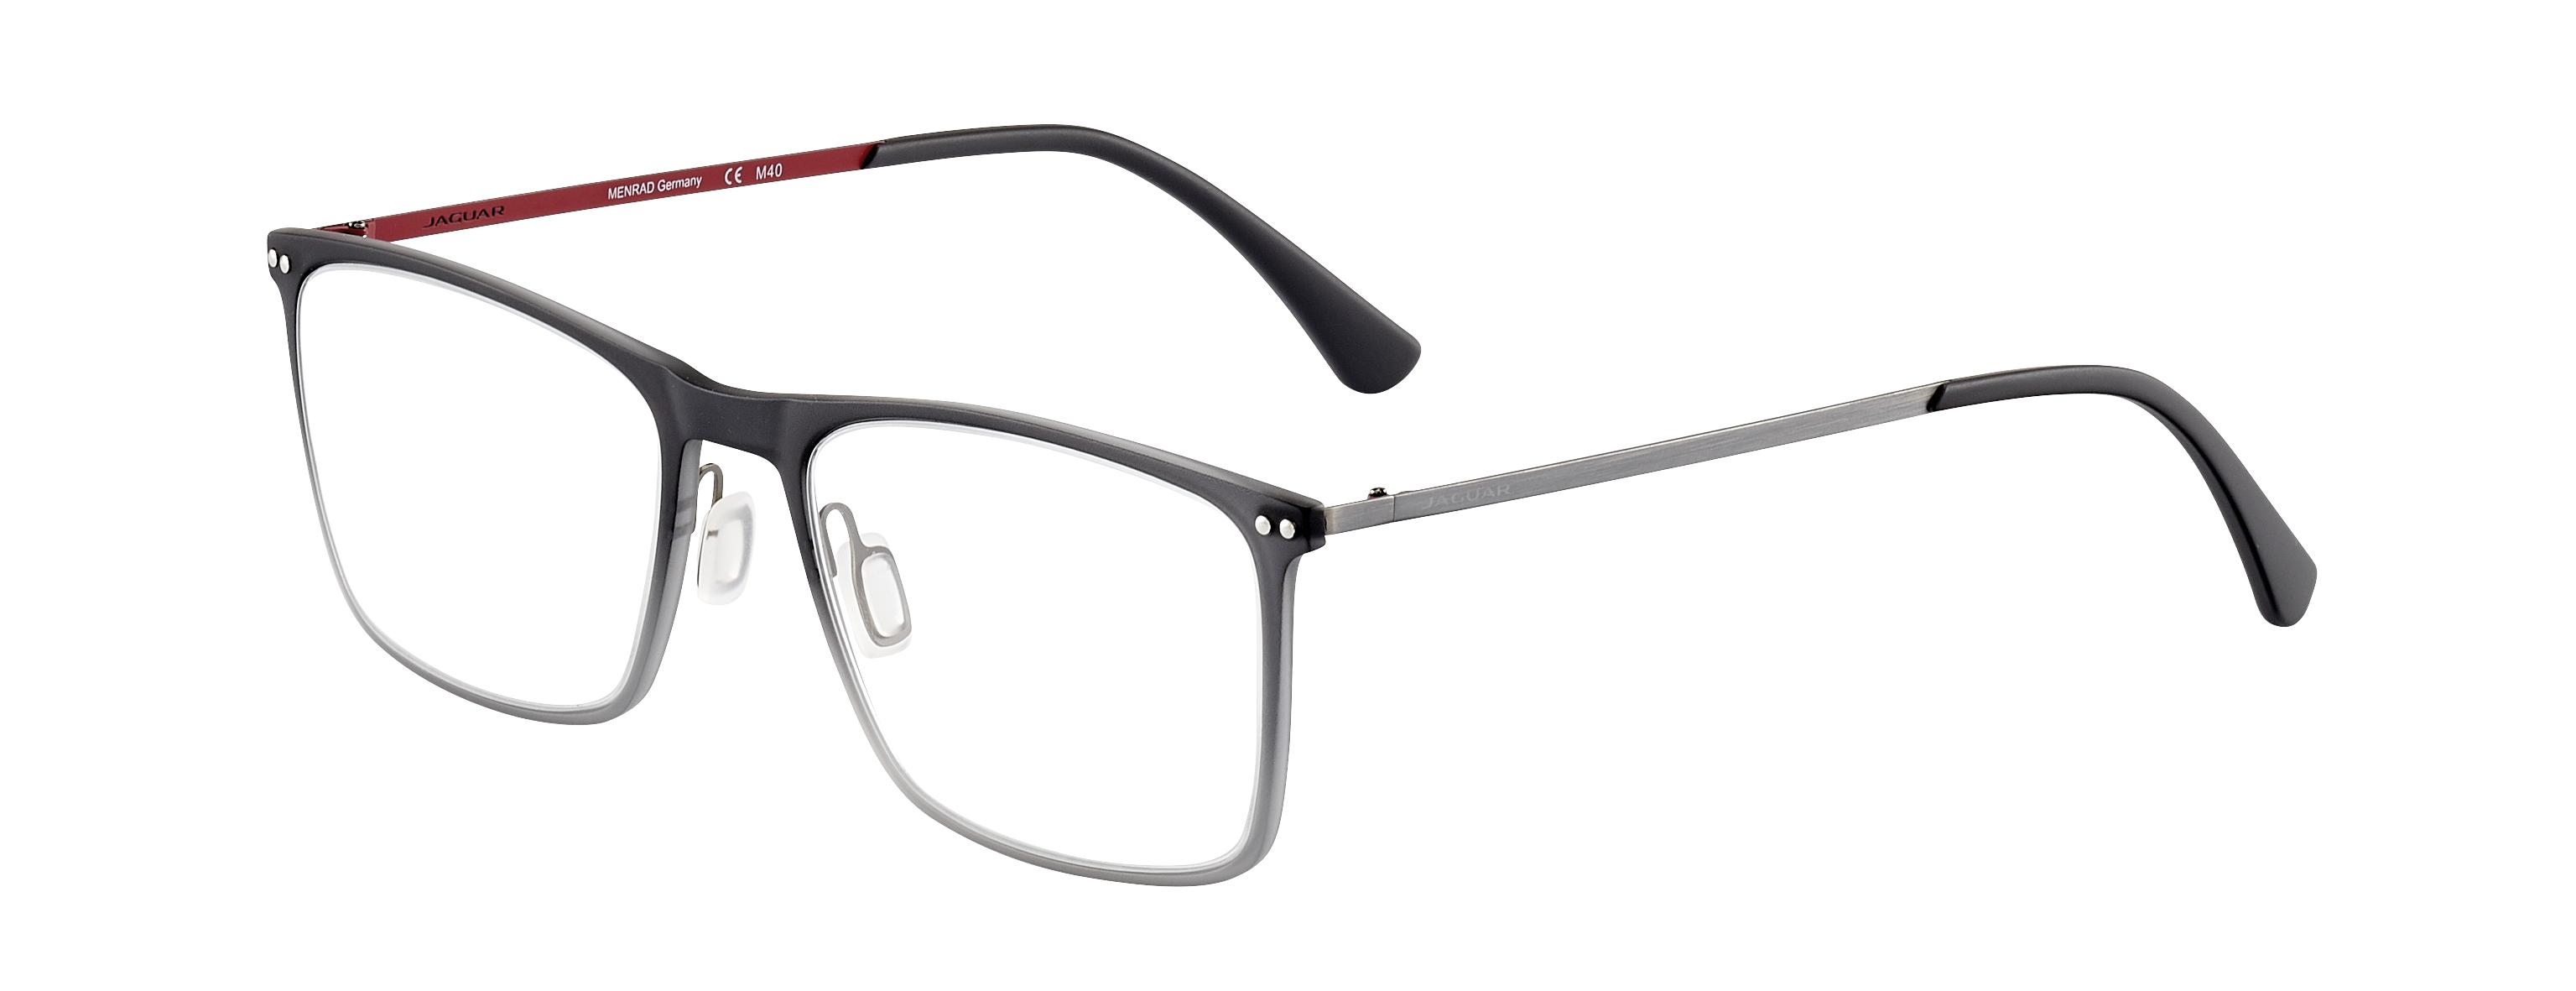 szemüveg katalógus